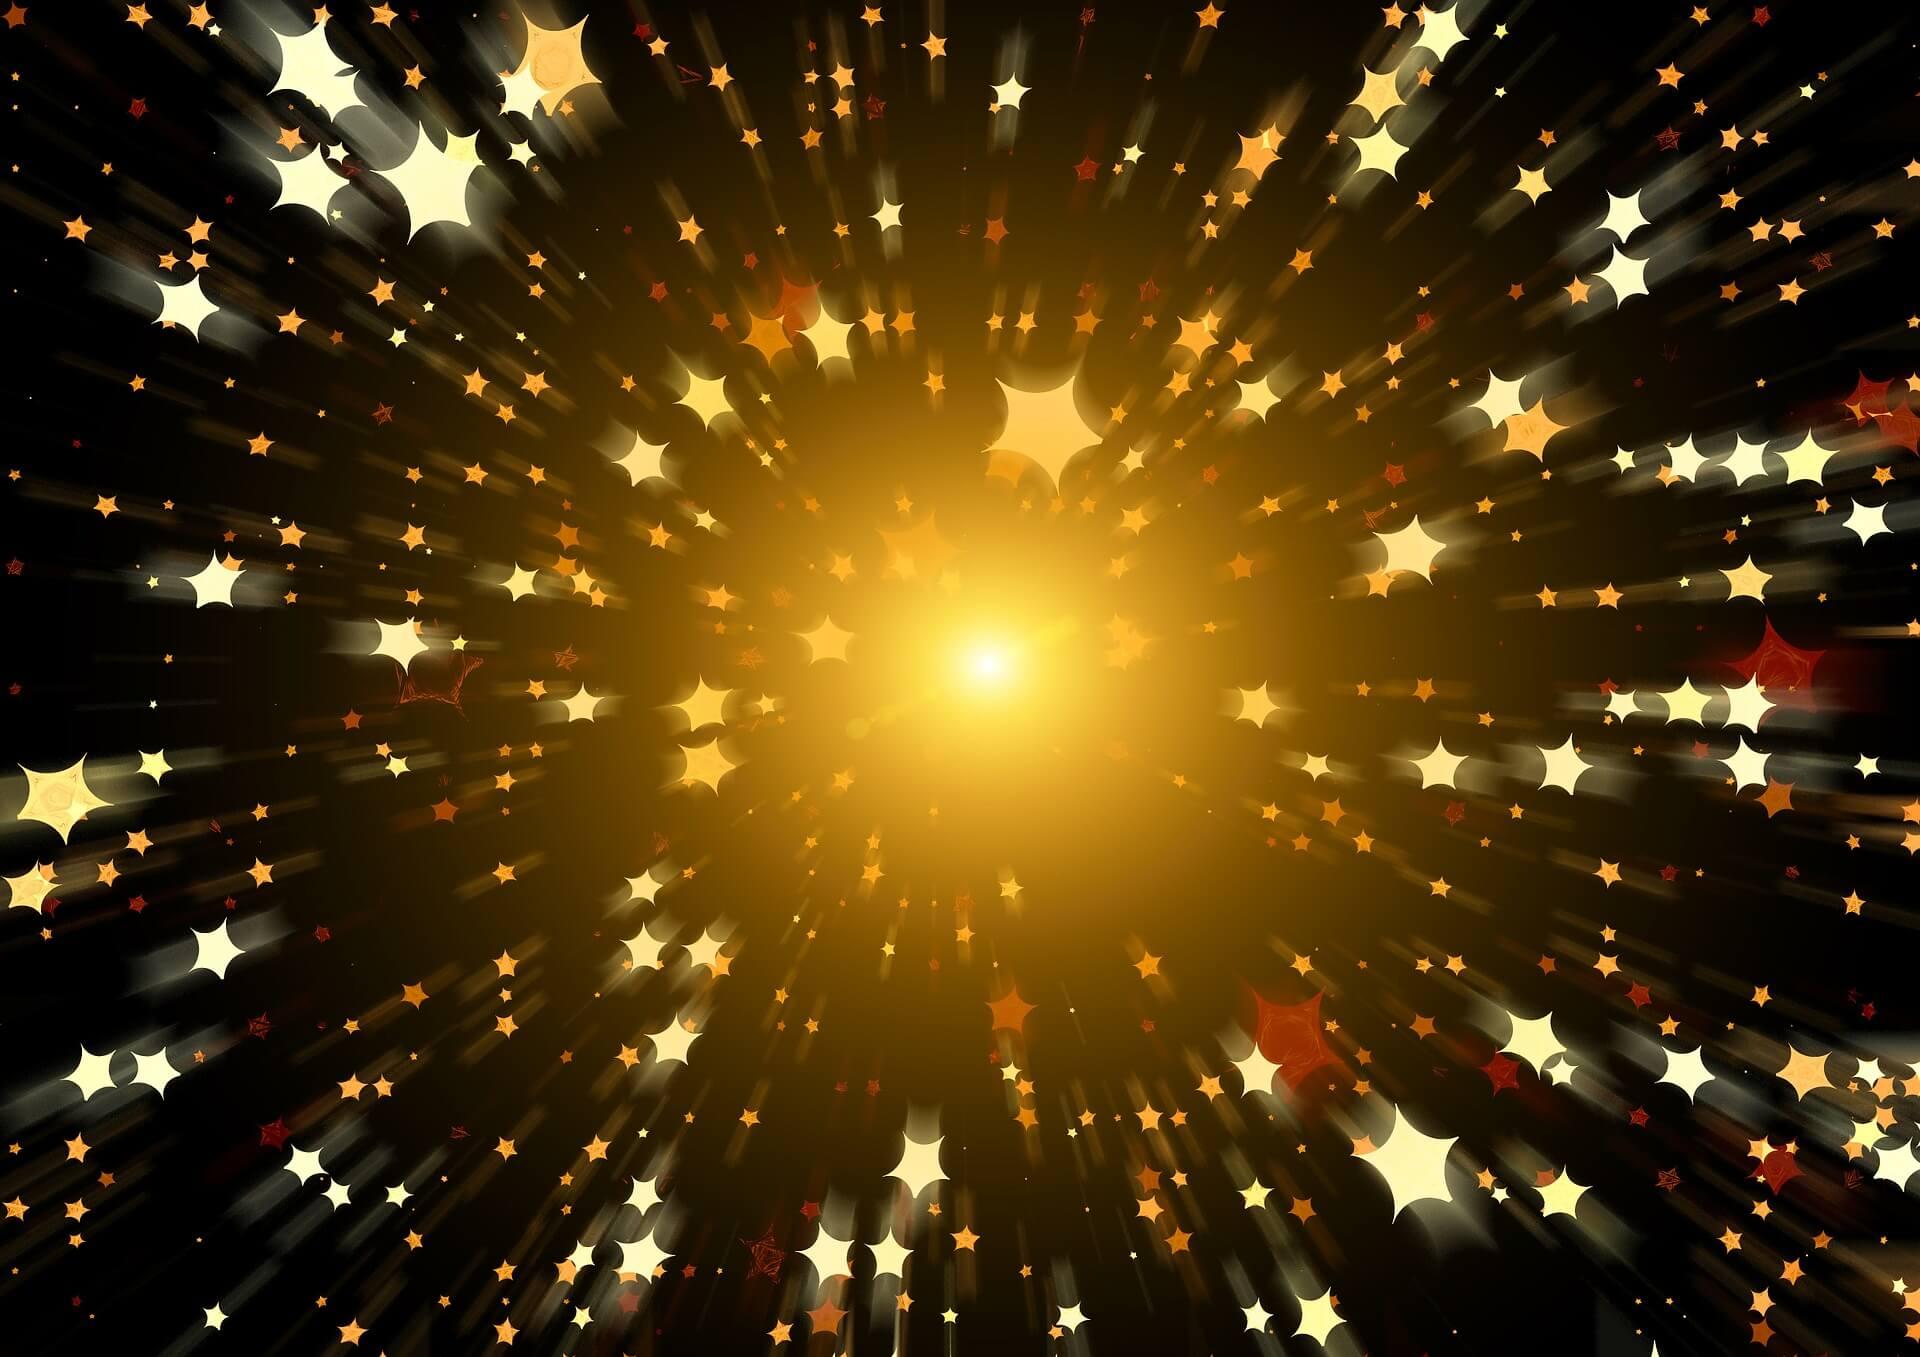 fond couleur étoiles or fond noir - les constellations familales maureen boigen